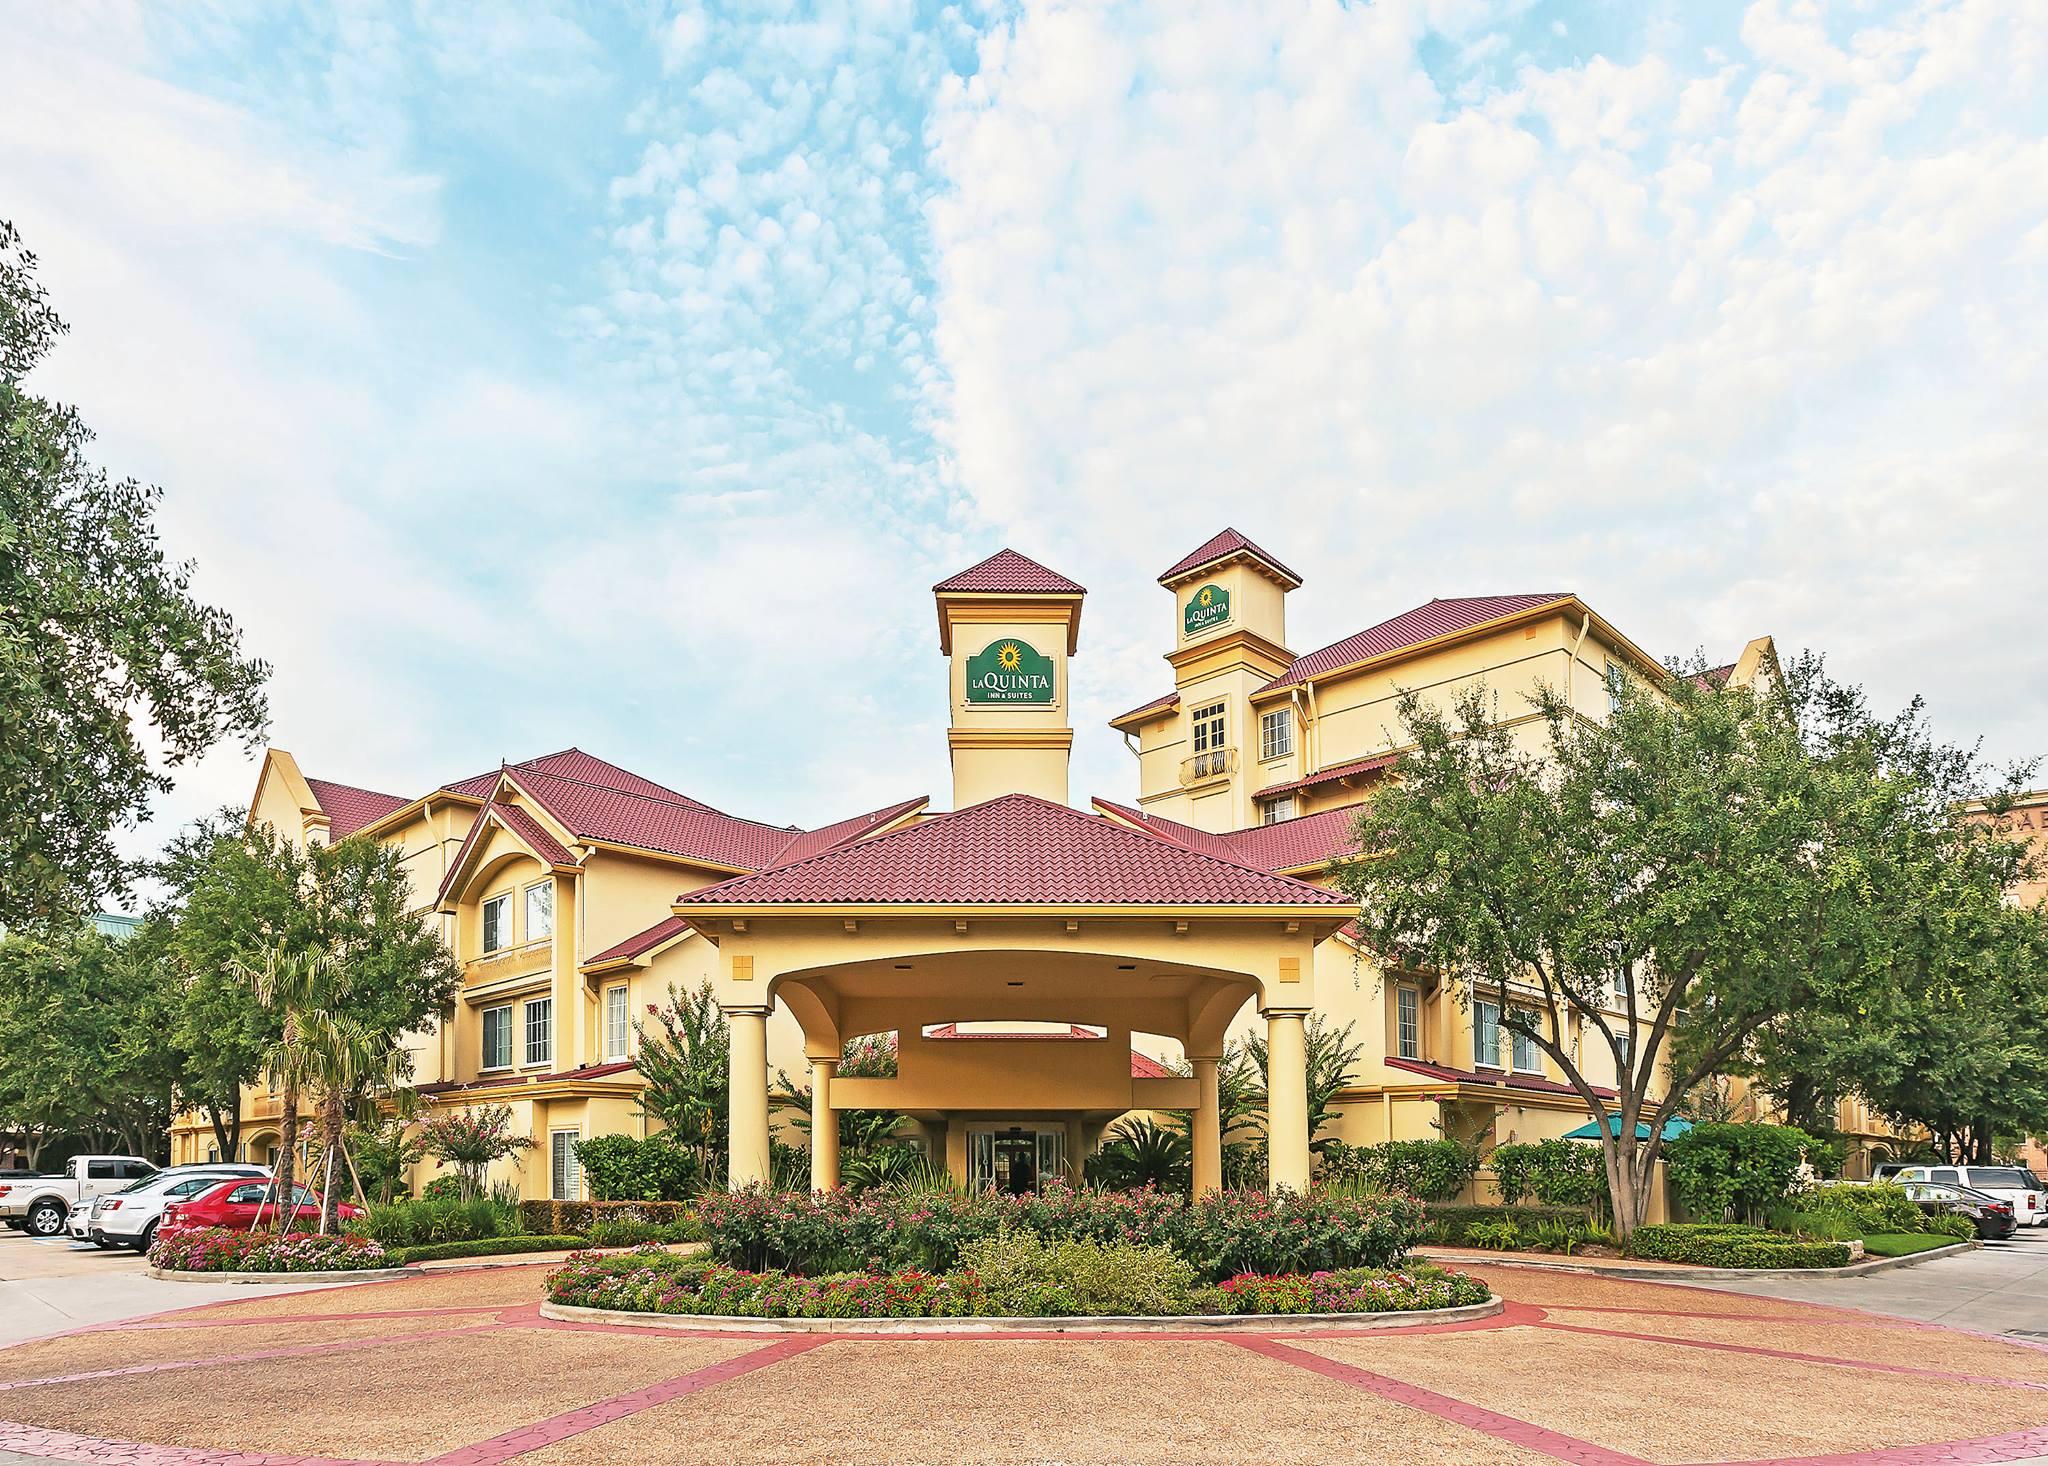 Budget Hotel in Houston-La Quinta Inn & Suites Houston Galleria Area